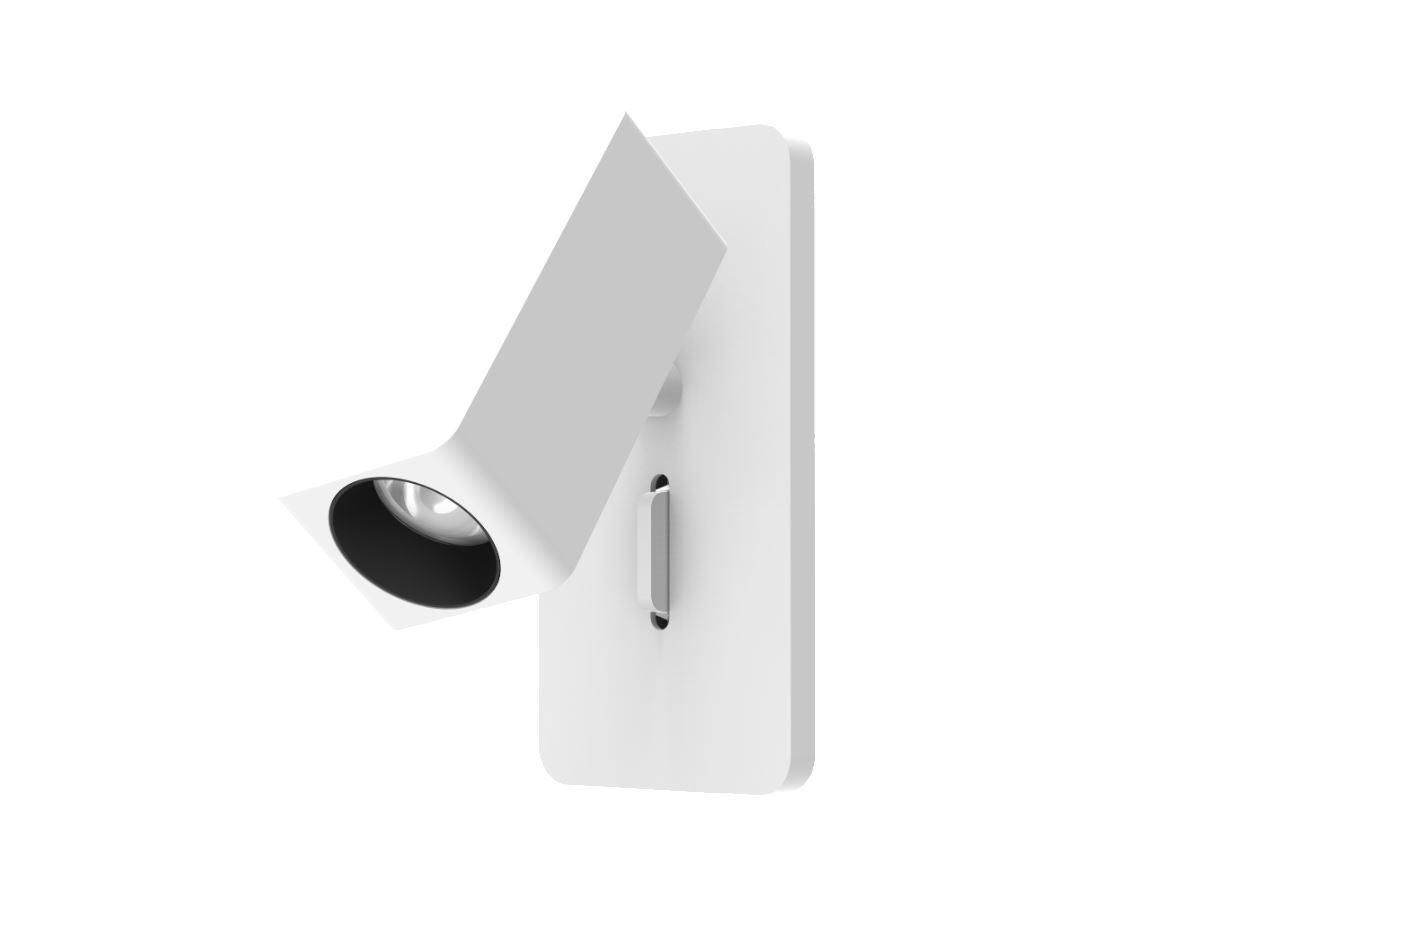 גופי תאורה בקטגוריית: מנורות קיר  ,שם המוצר: קיר קריאה TN מלבני